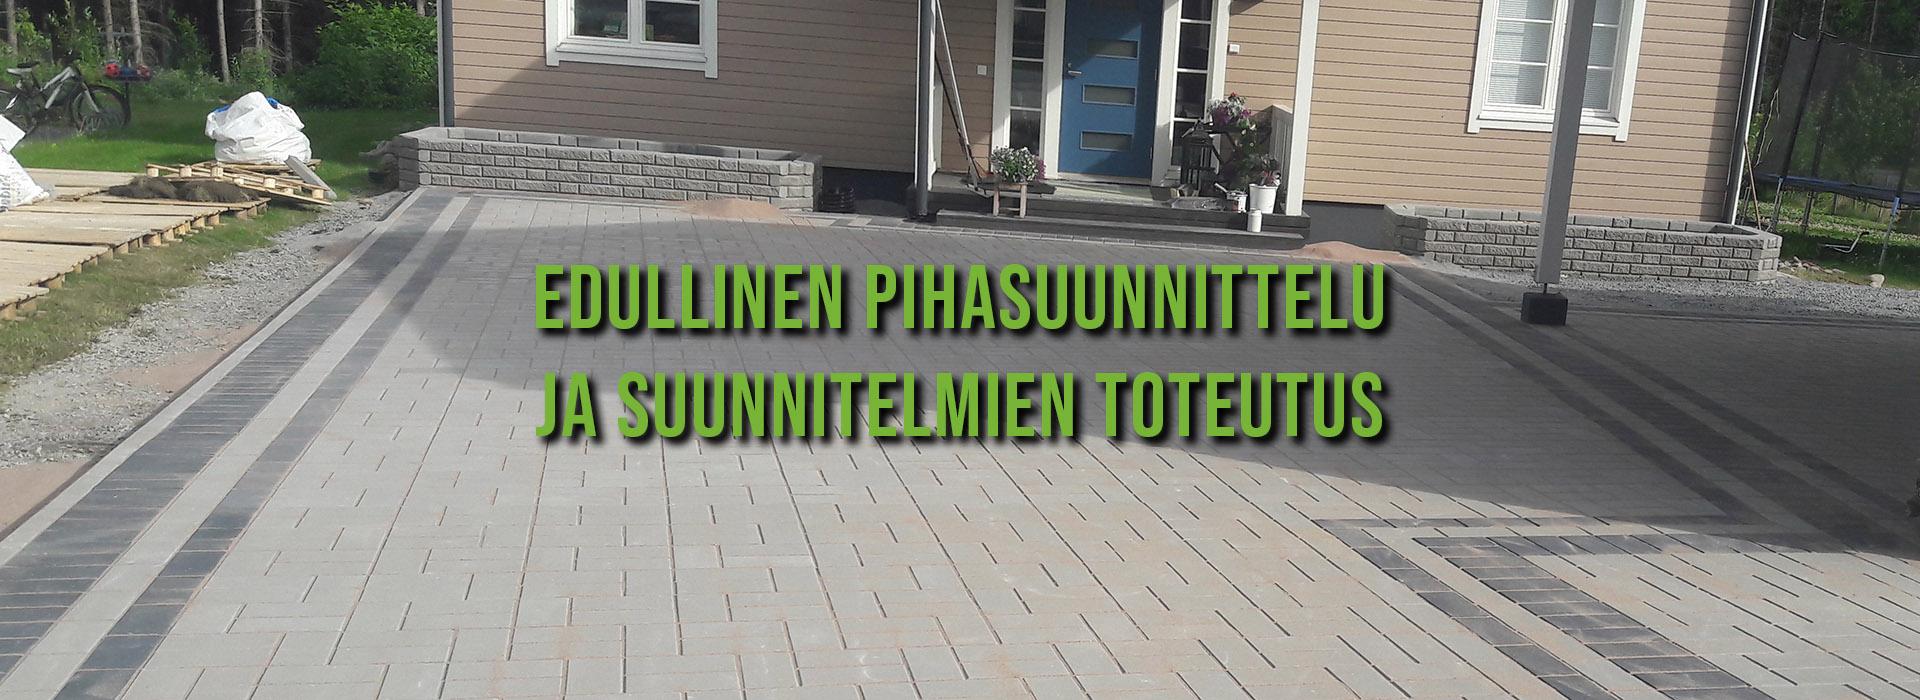 Pihasuunnitelmat ja suunnitelmien toteutus edullisesti Tampereen seudulla | Pihamestari.fi